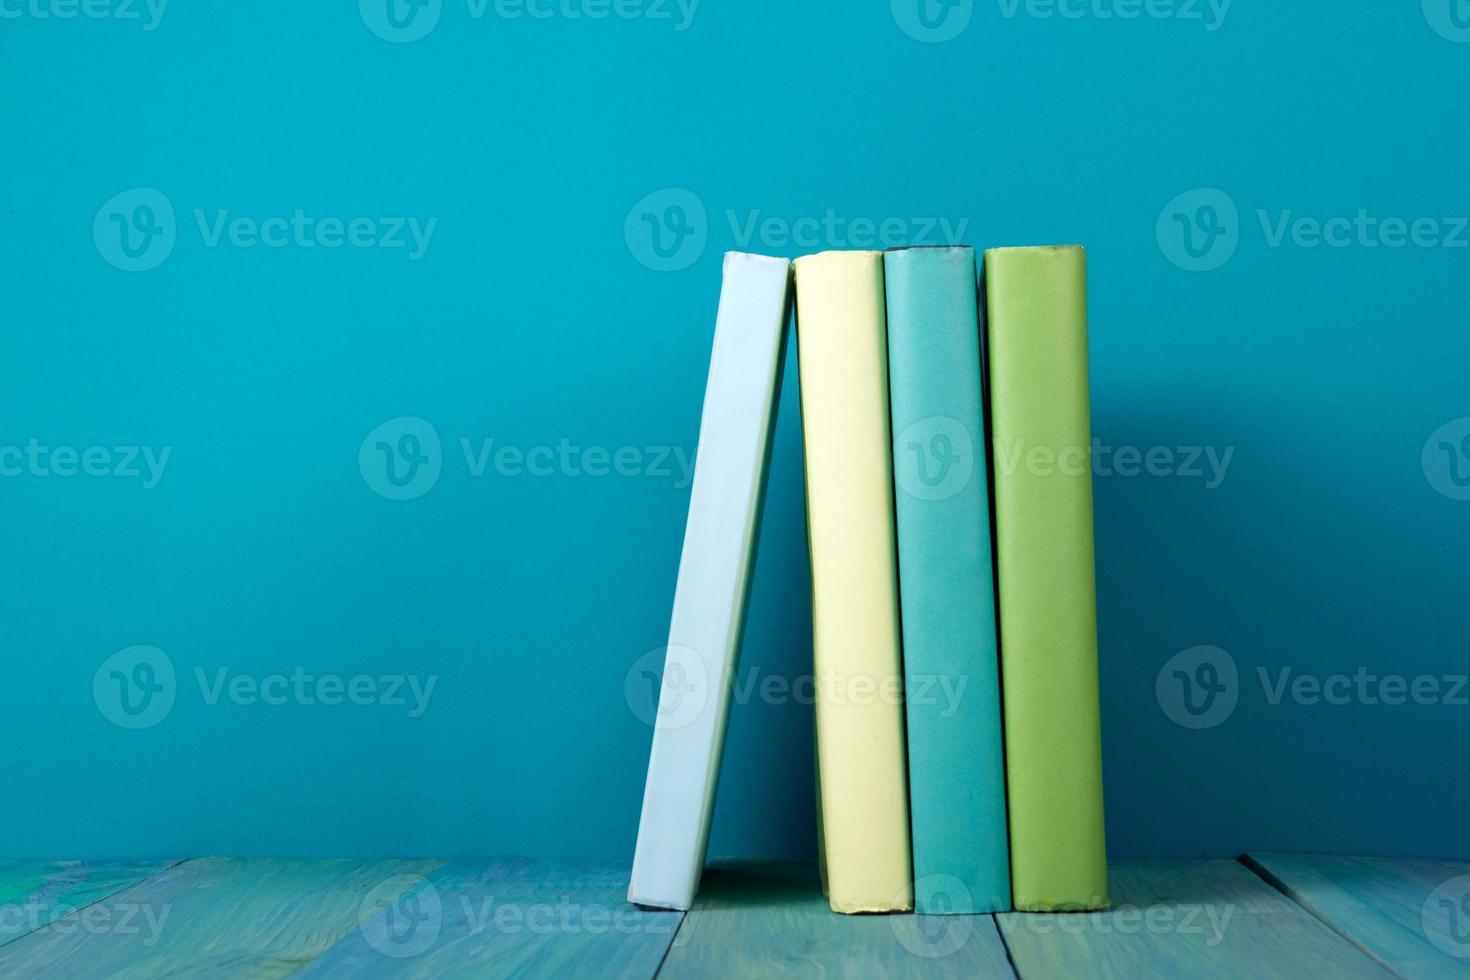 rangée de livres, fond bleu grungy, espace de copie gratuit photo